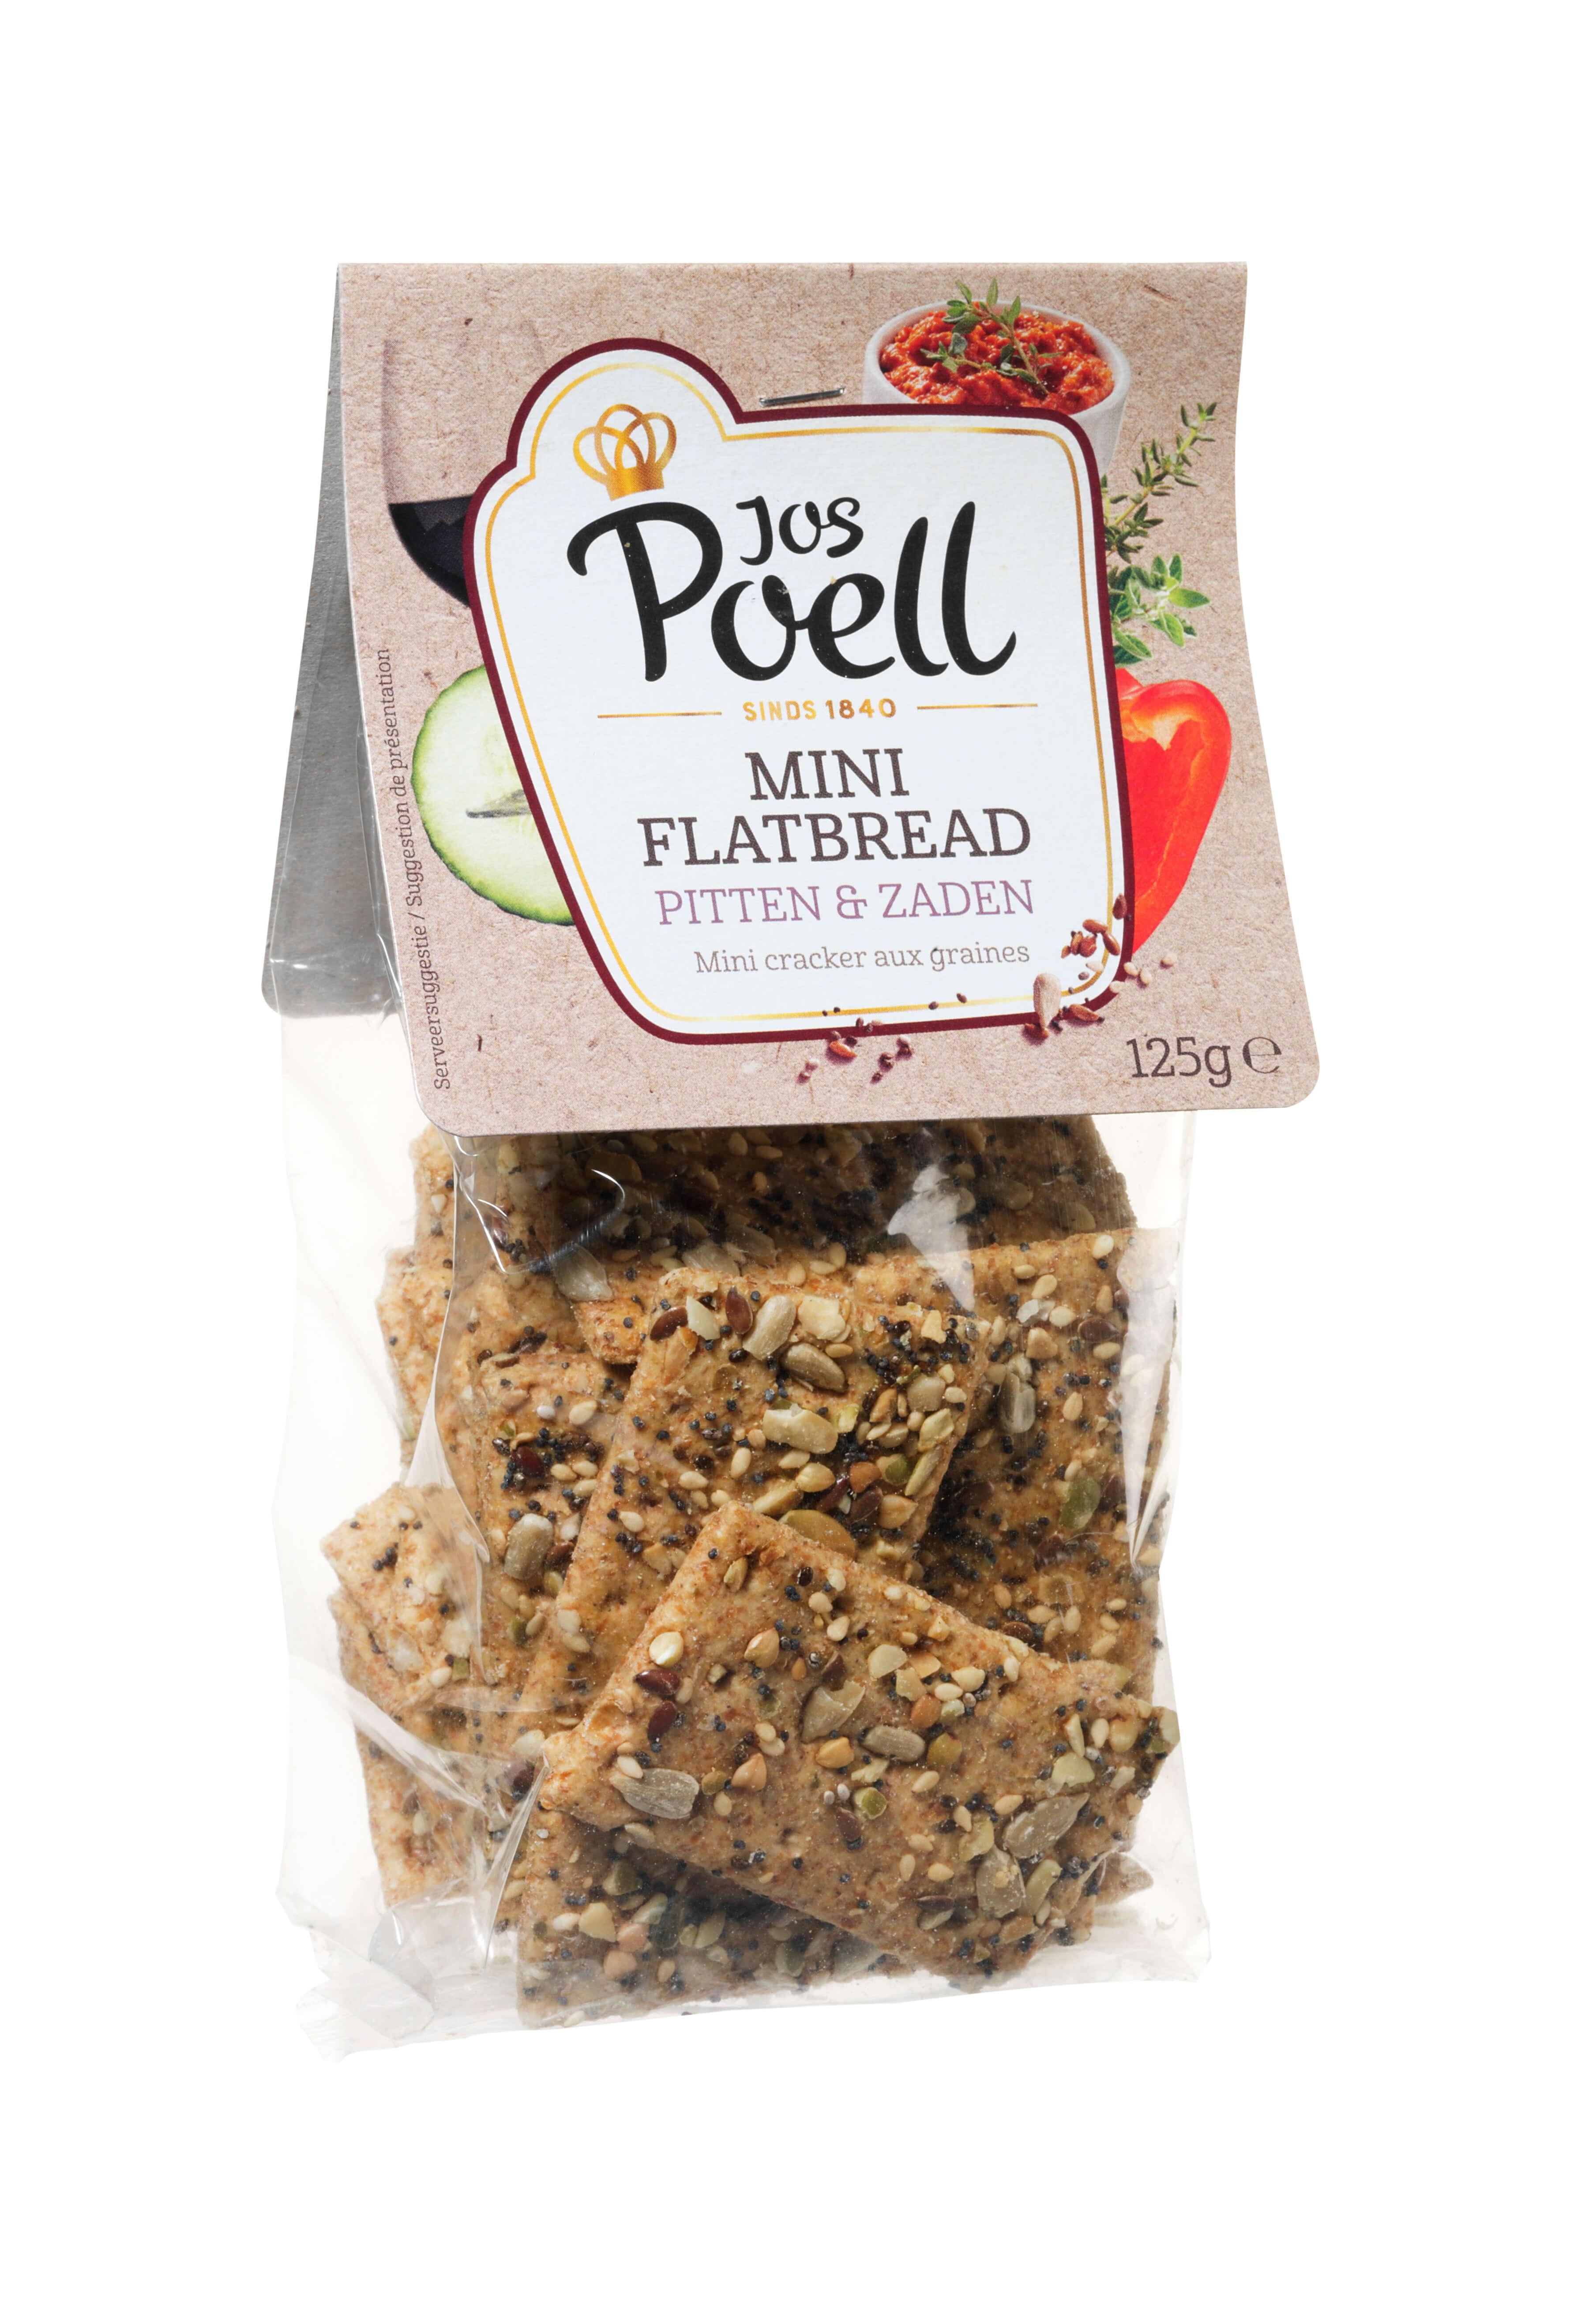 Mini Flatbread met Pitten & Zaden